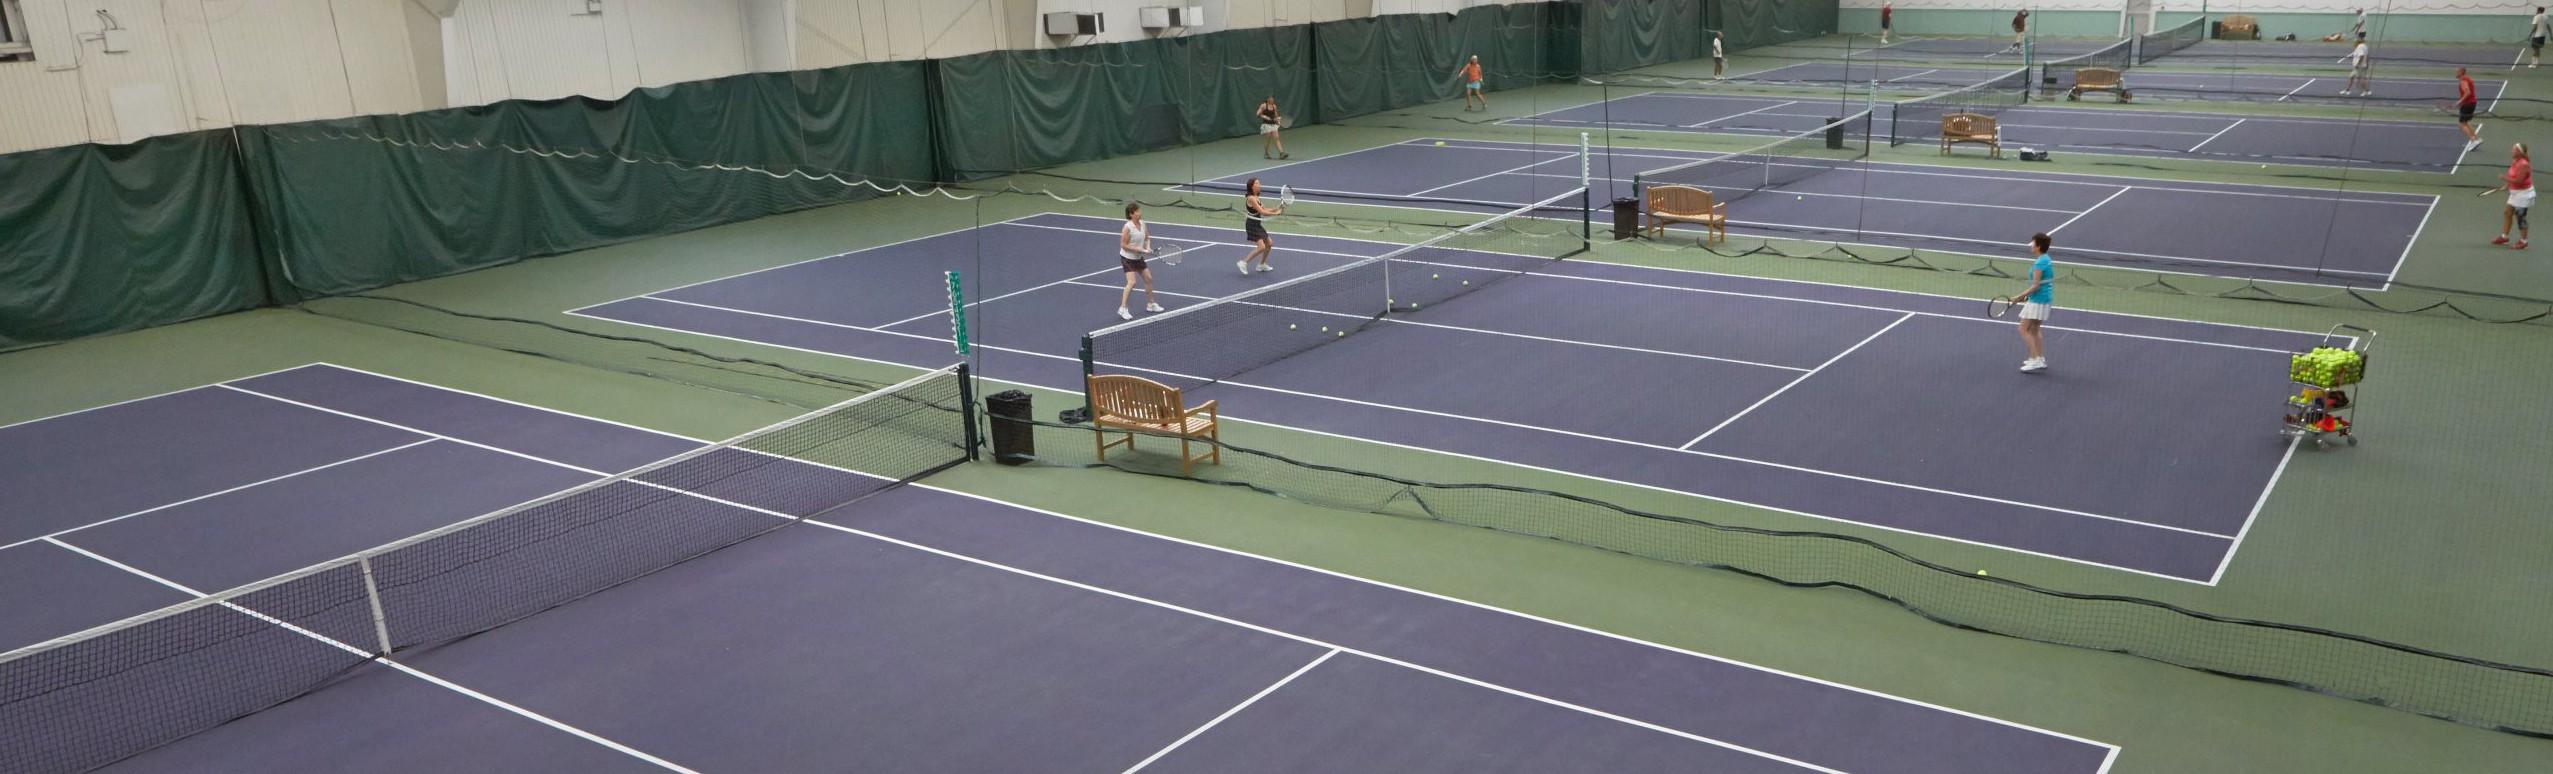 tenniscourts